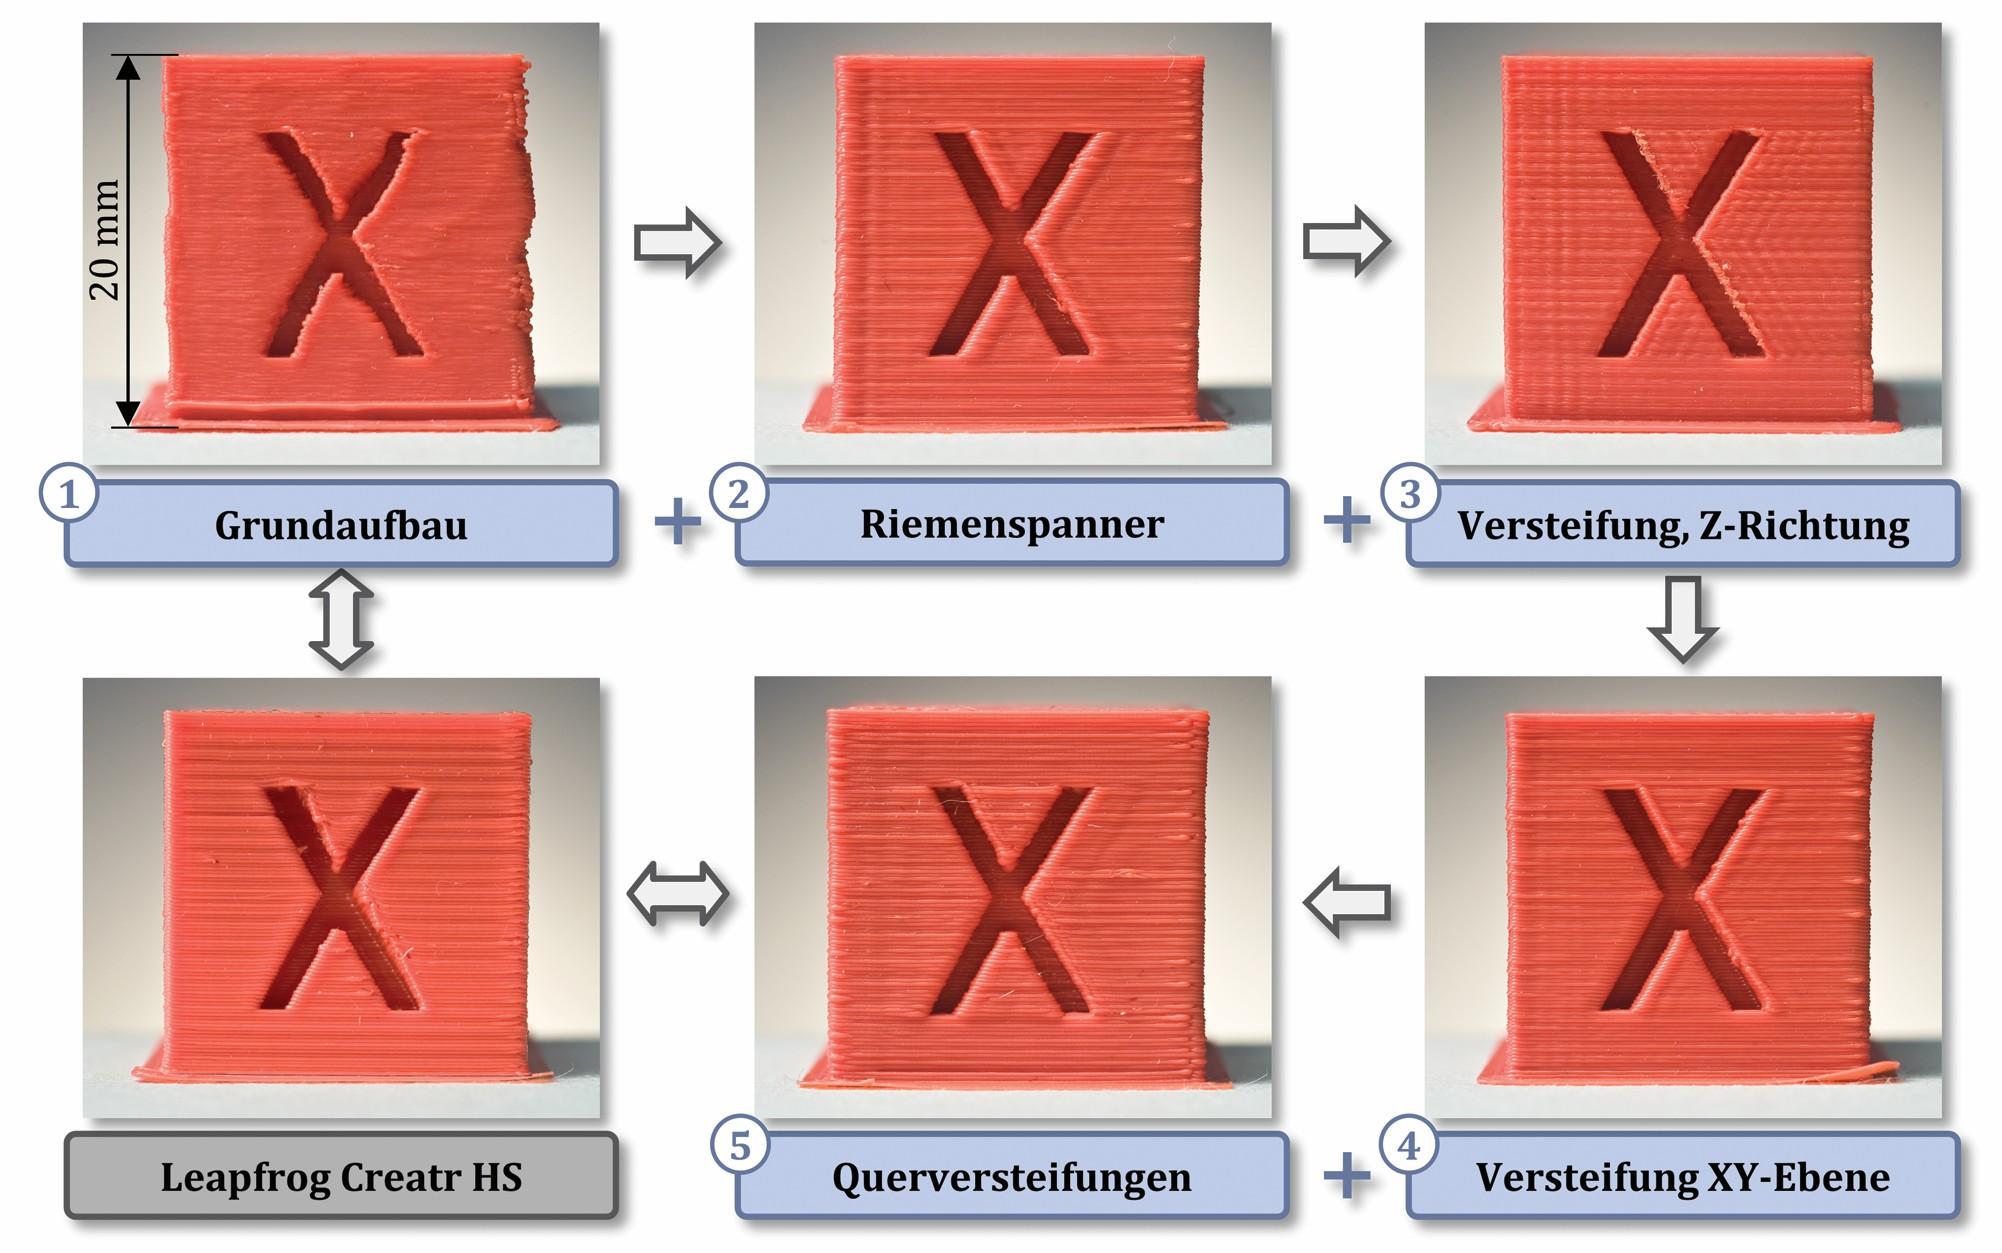 Bild 5: Kalibrierungswürfel im Vergleich vor und nach der Umsetzung einzelner Maßnahmen. Bild: FAU Erlangen-Nürnberg